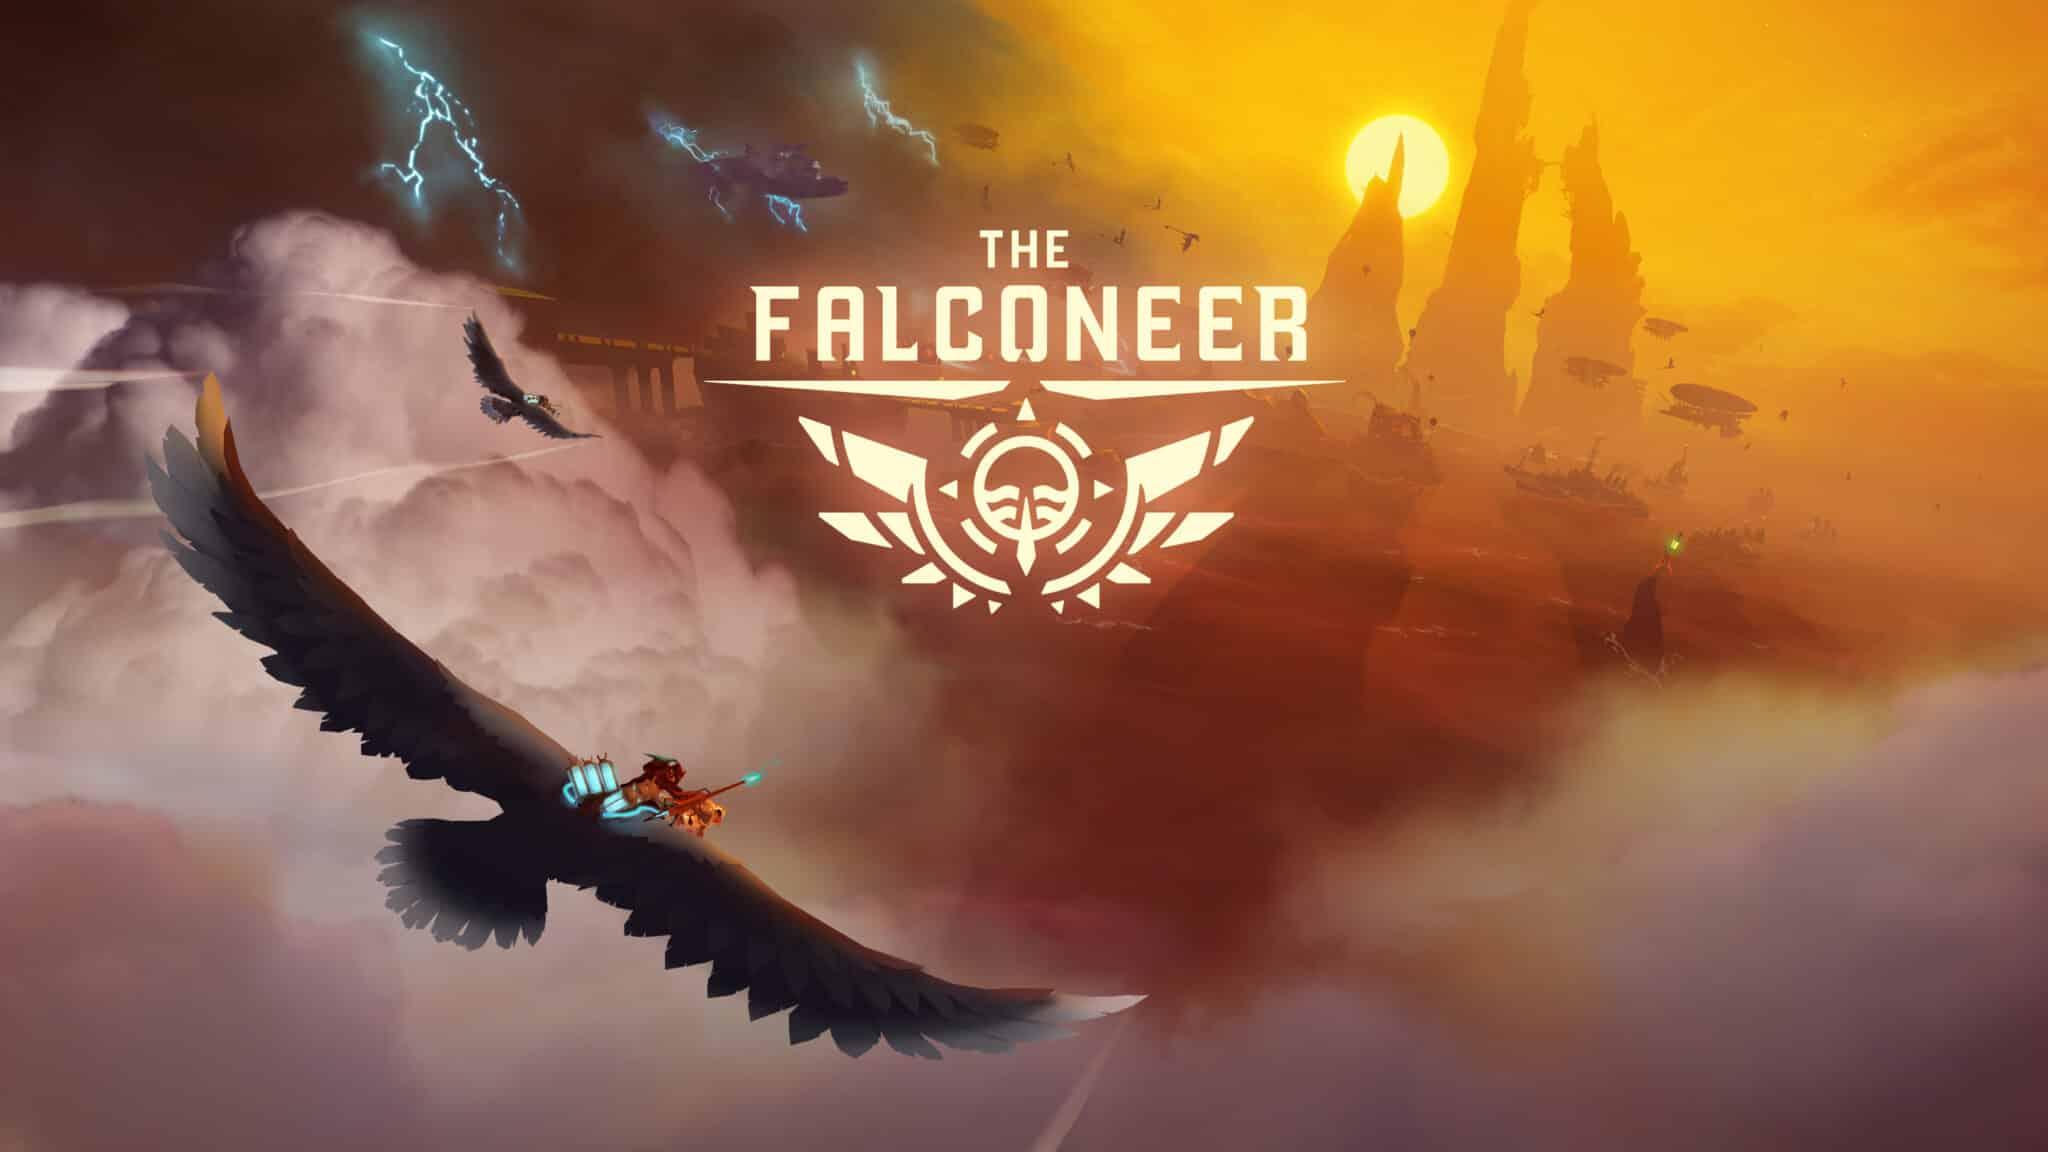 Новый контент в The Falconeer - К игре вышло первое бесплатное дополнение под названием